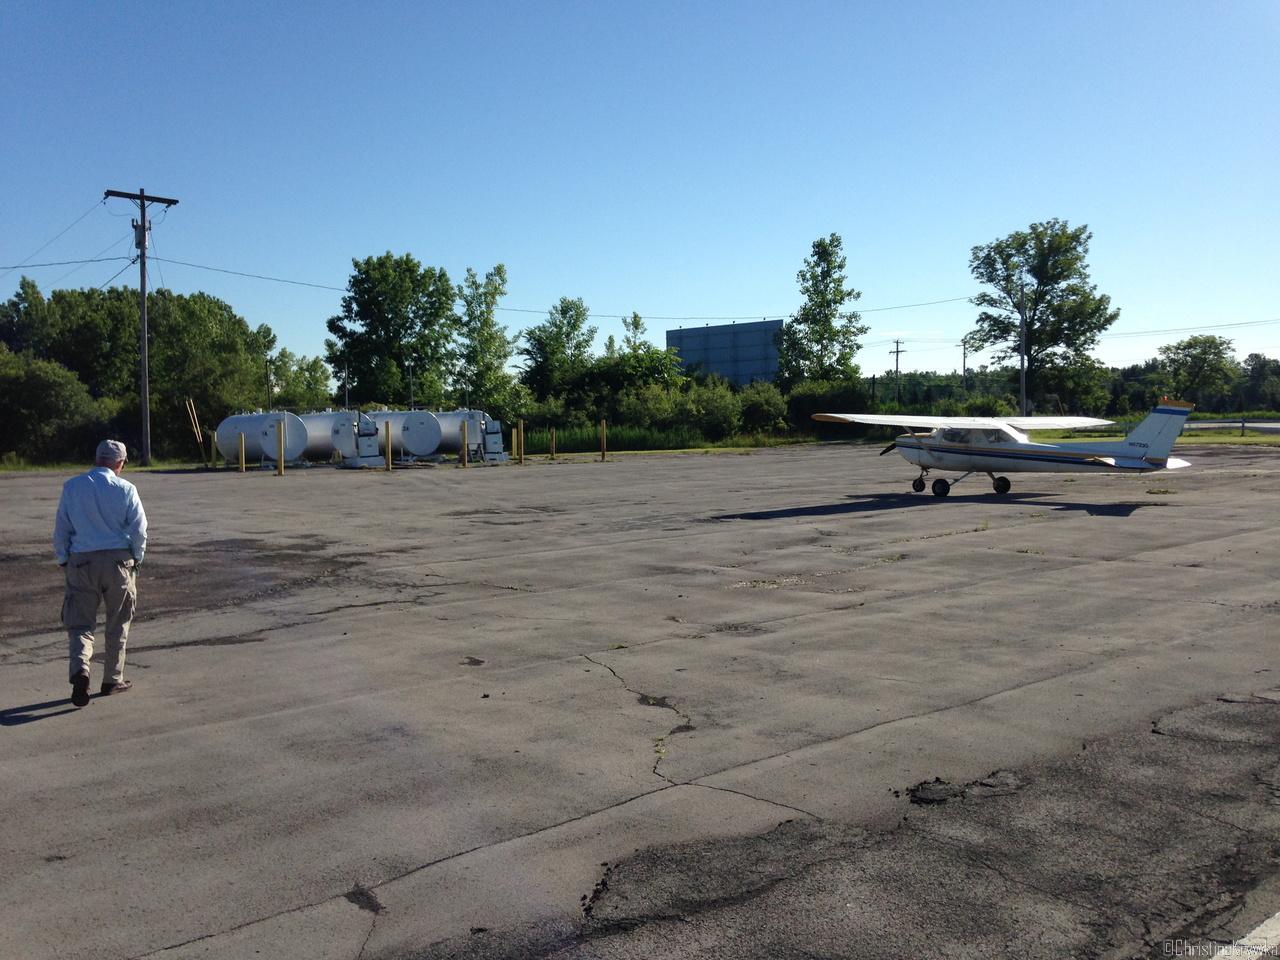 Buffalo Suburban Airport - der Sprit so nah aber leider unter Verschluss